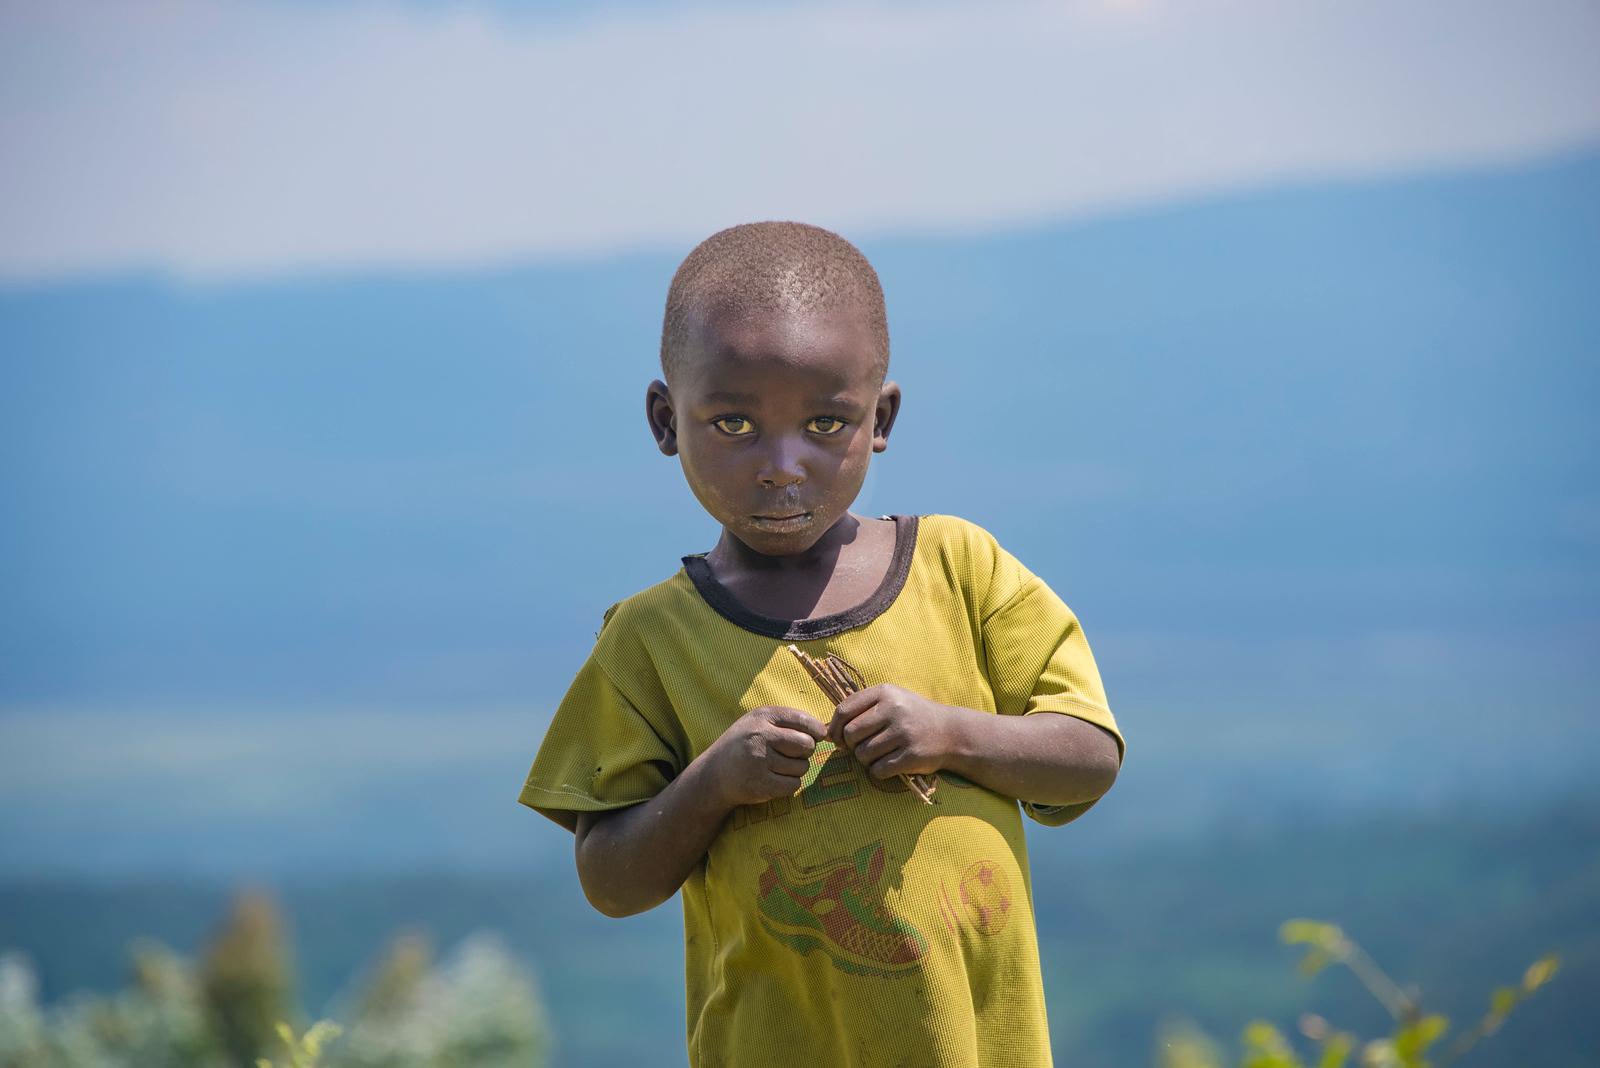 Rwandan_boy-GOR_0359